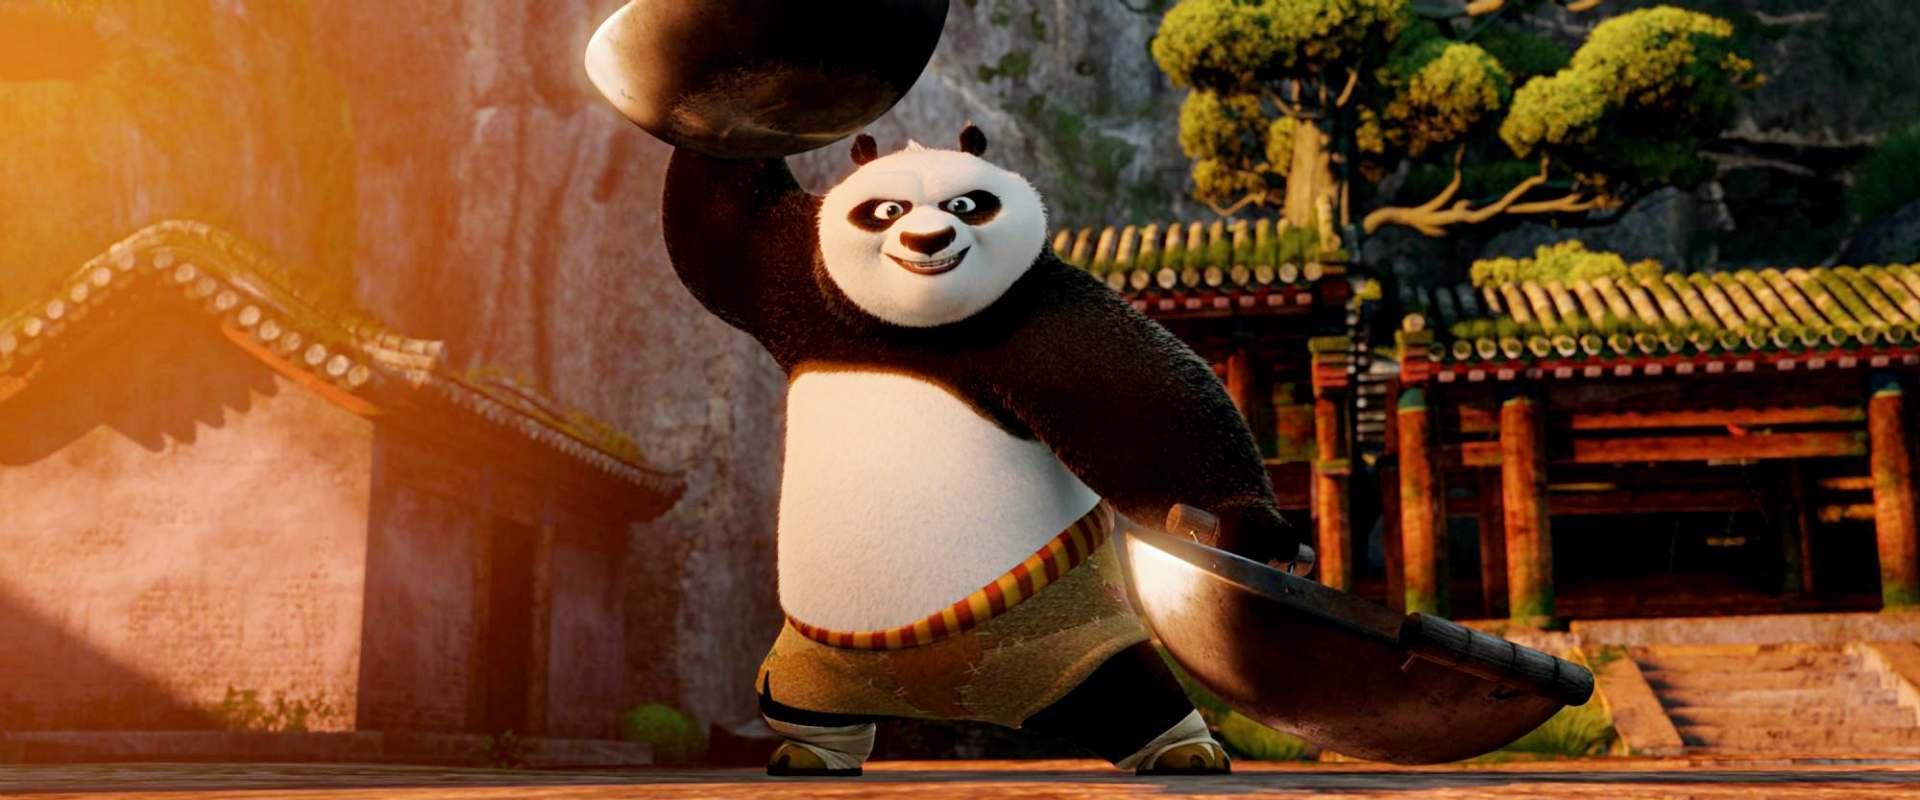 watch kung fu panda 2 on netflix today! | netflixmovies